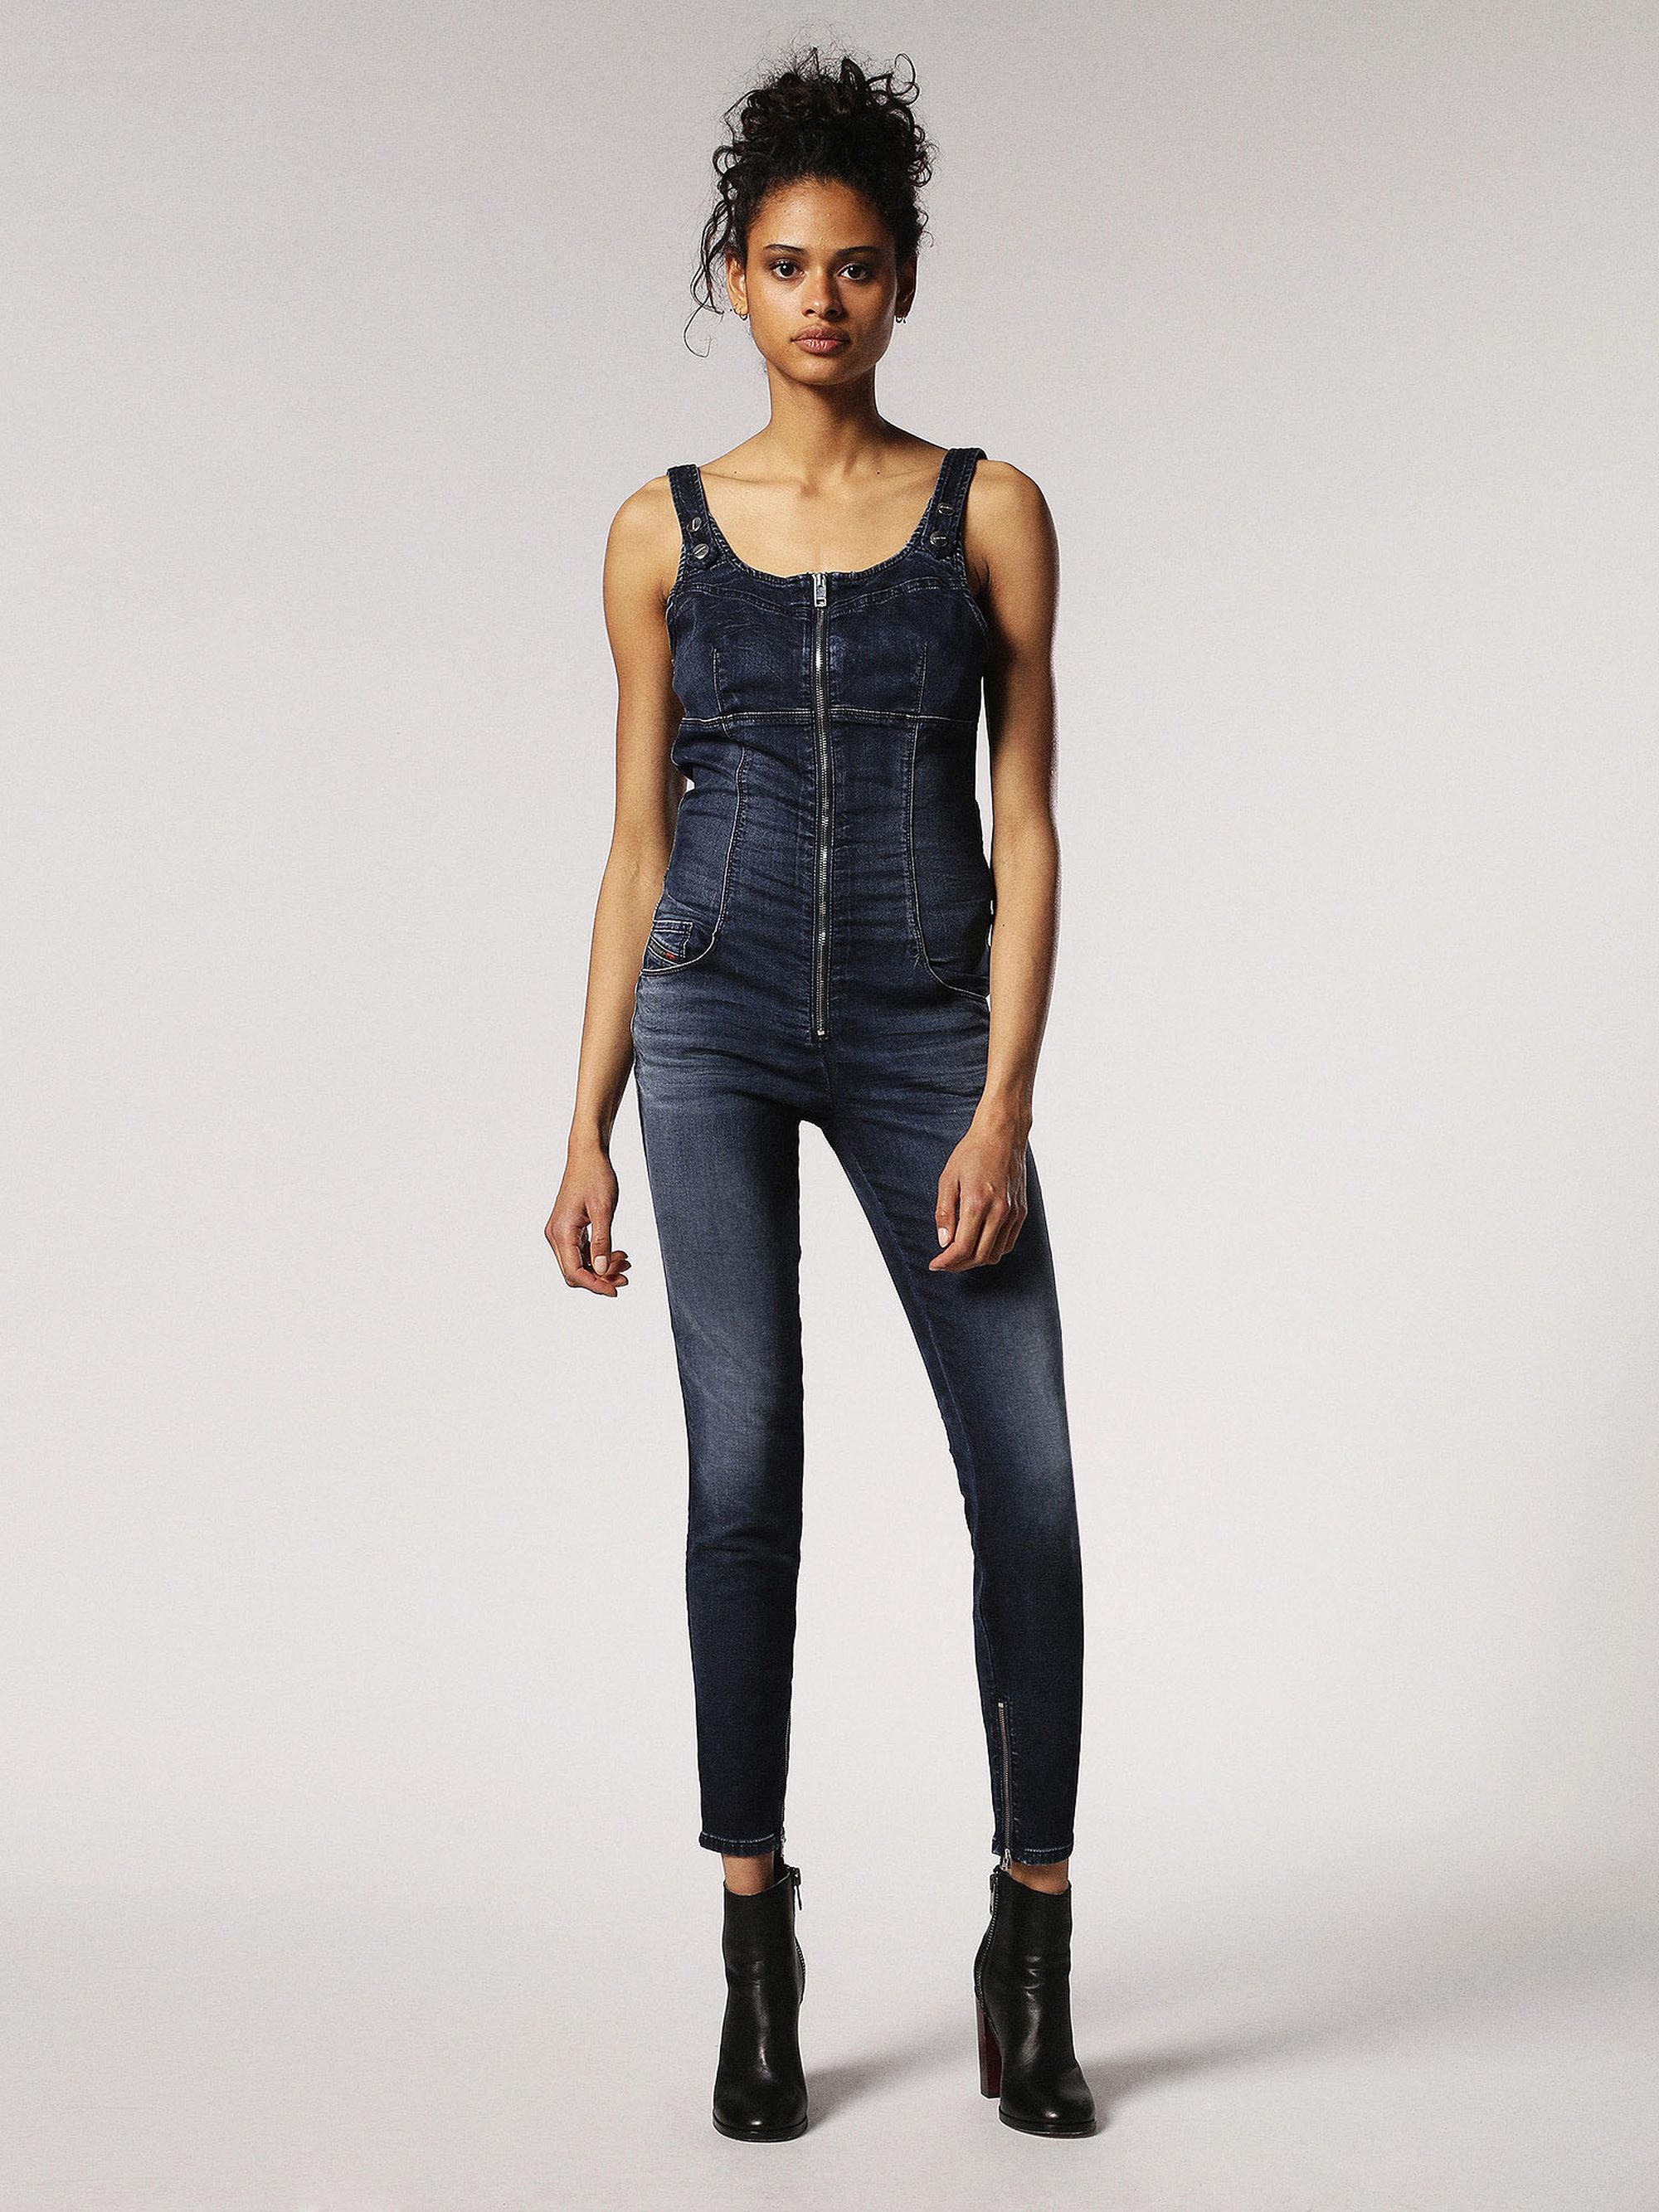 ZEPPEL JOGGJEANS Jumpsuits Woman | Diesel Online Store